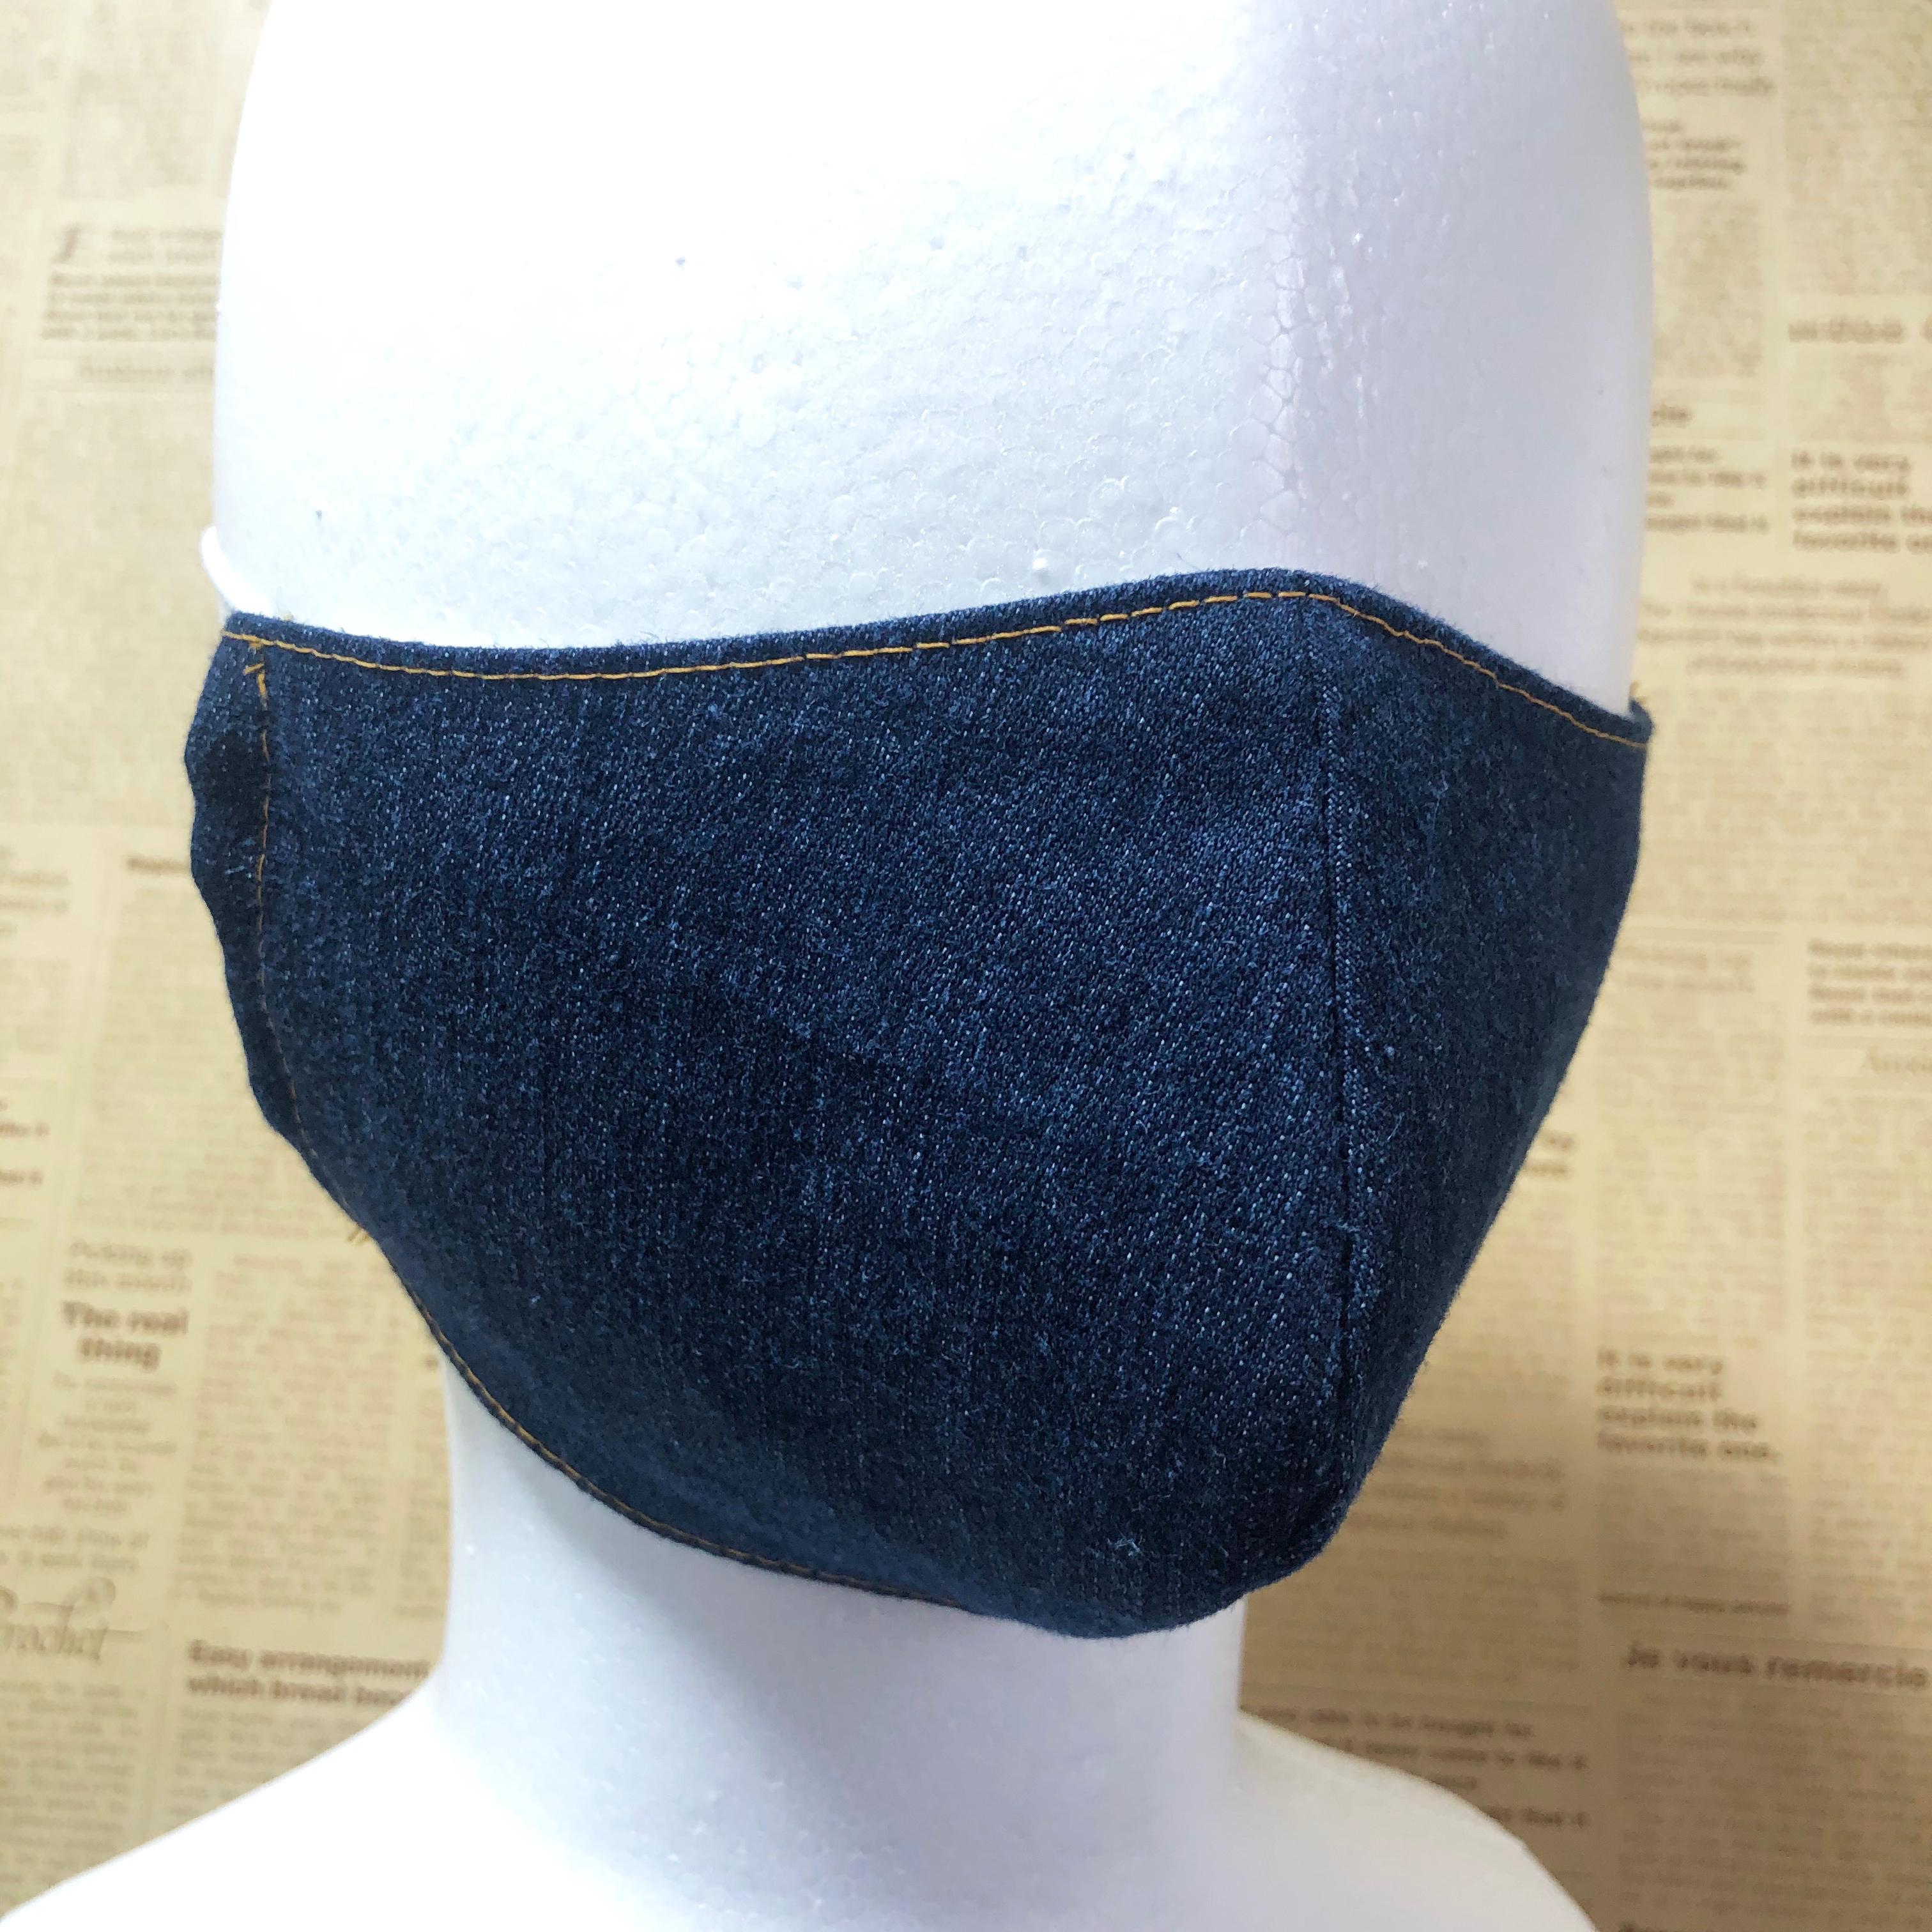 立体マスク 翌日発送 繰り返し利用可能 インディゴブルー デニム 大人サイズ ゴム紐使用